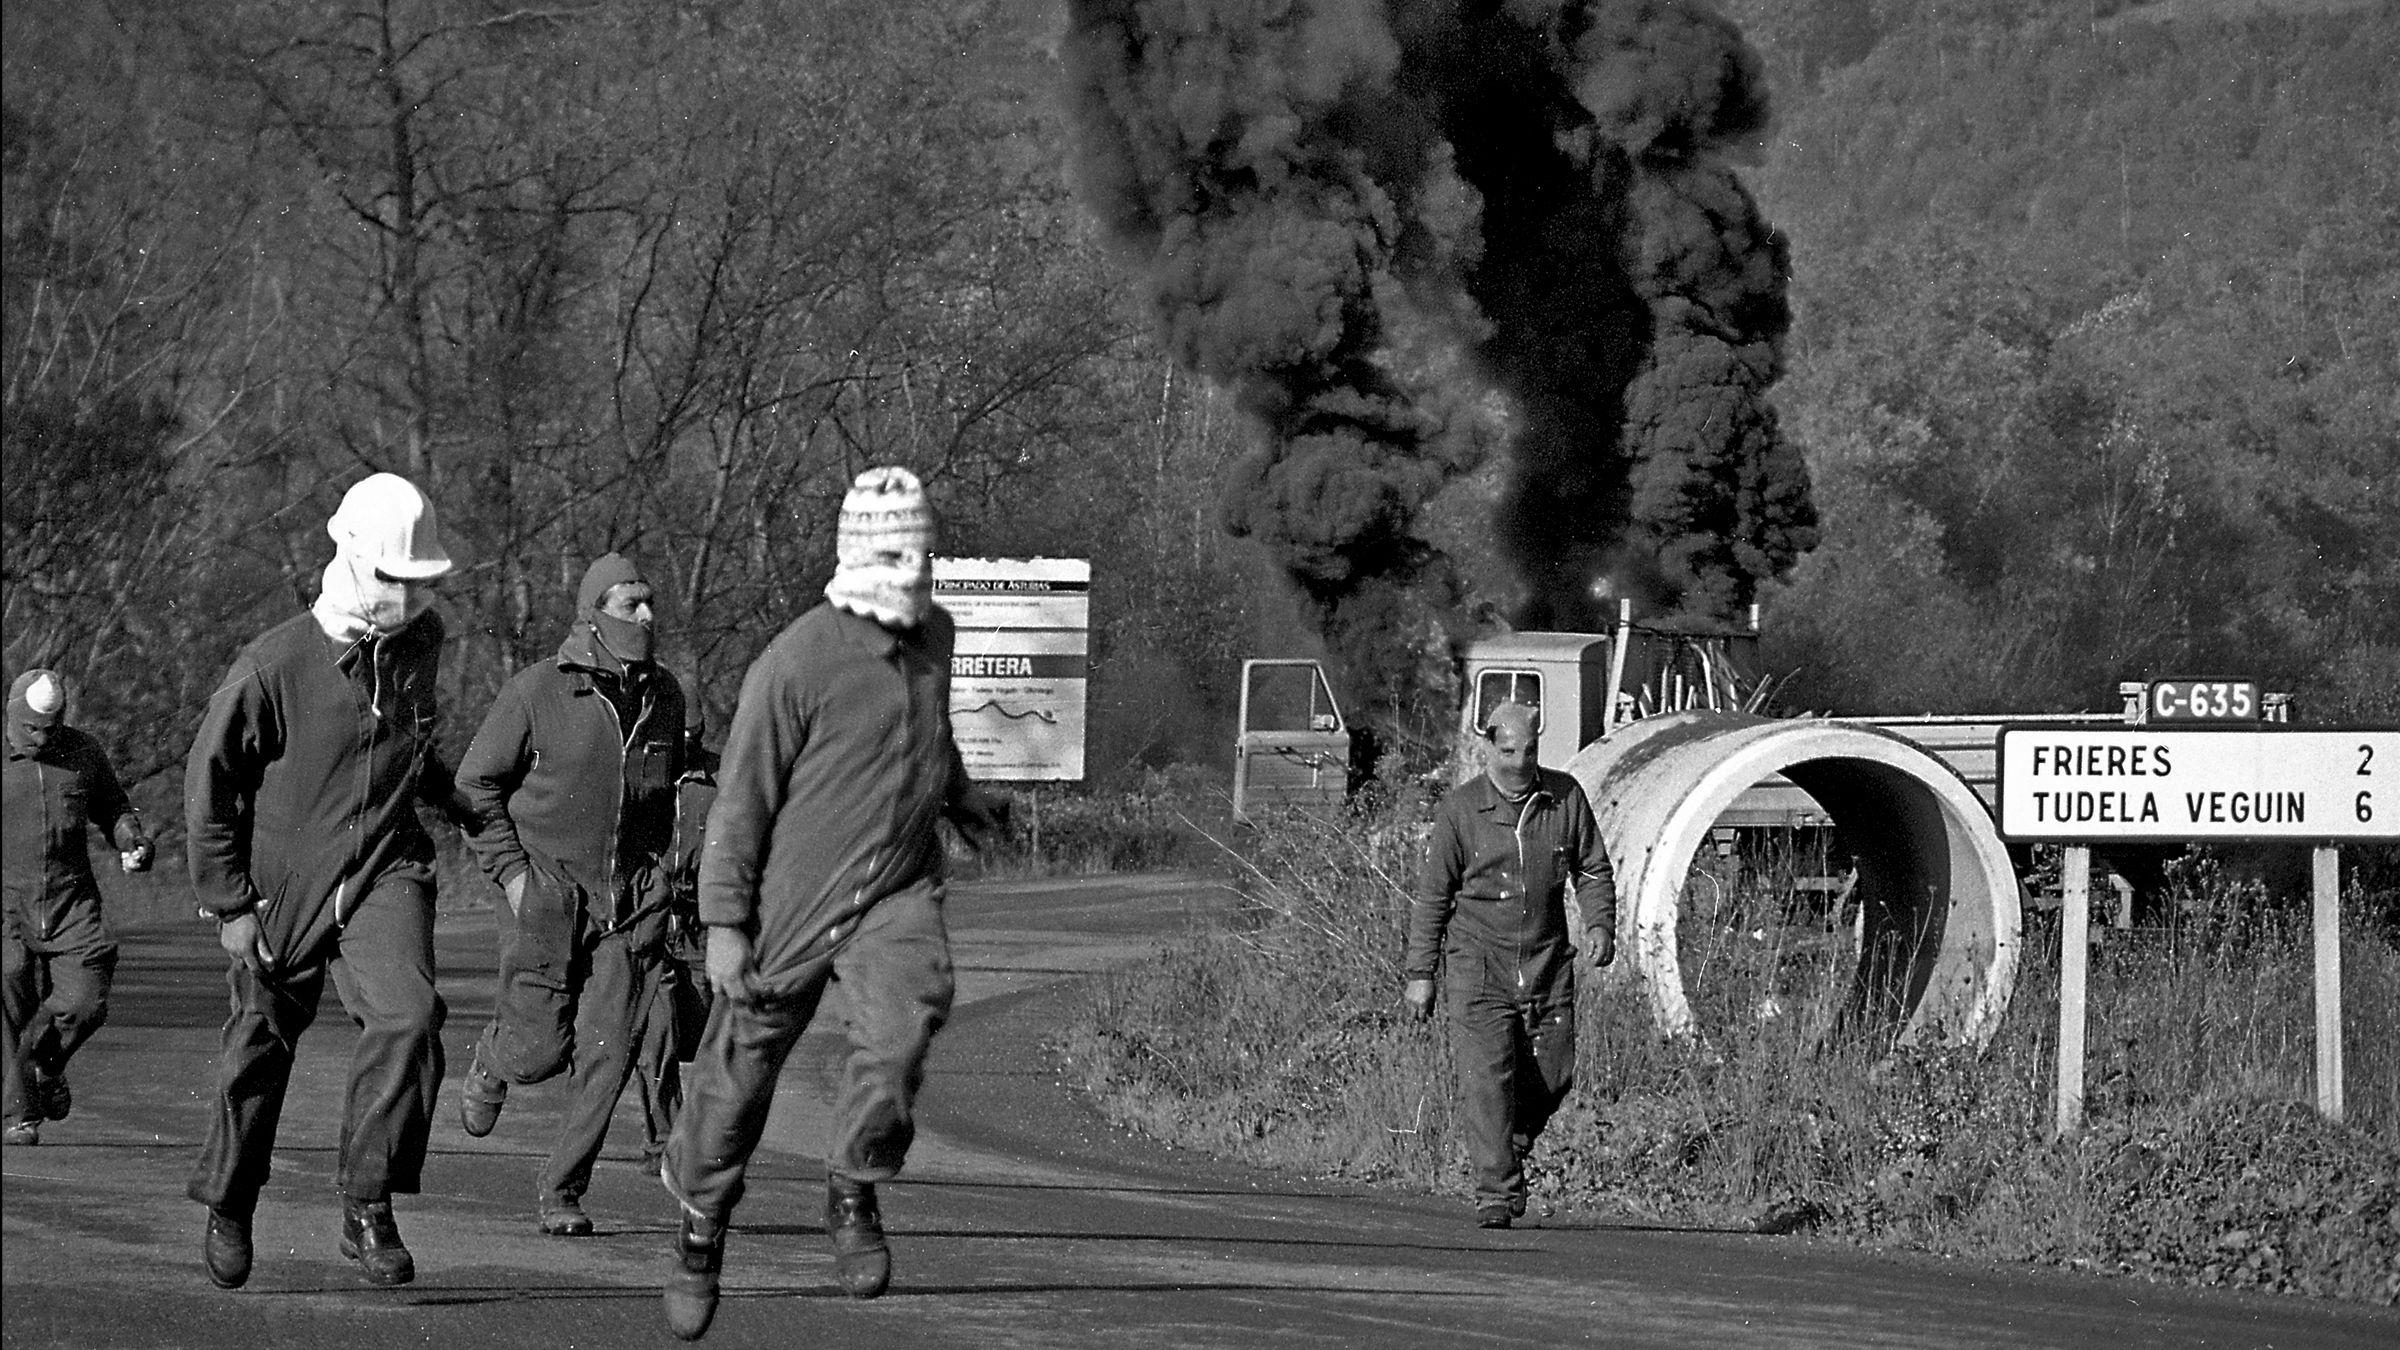 Incendio de un camion de Obras Publicas por los trabajadores despedidos de la empresa Duro-Felguera. Langreo. Asturias 1993